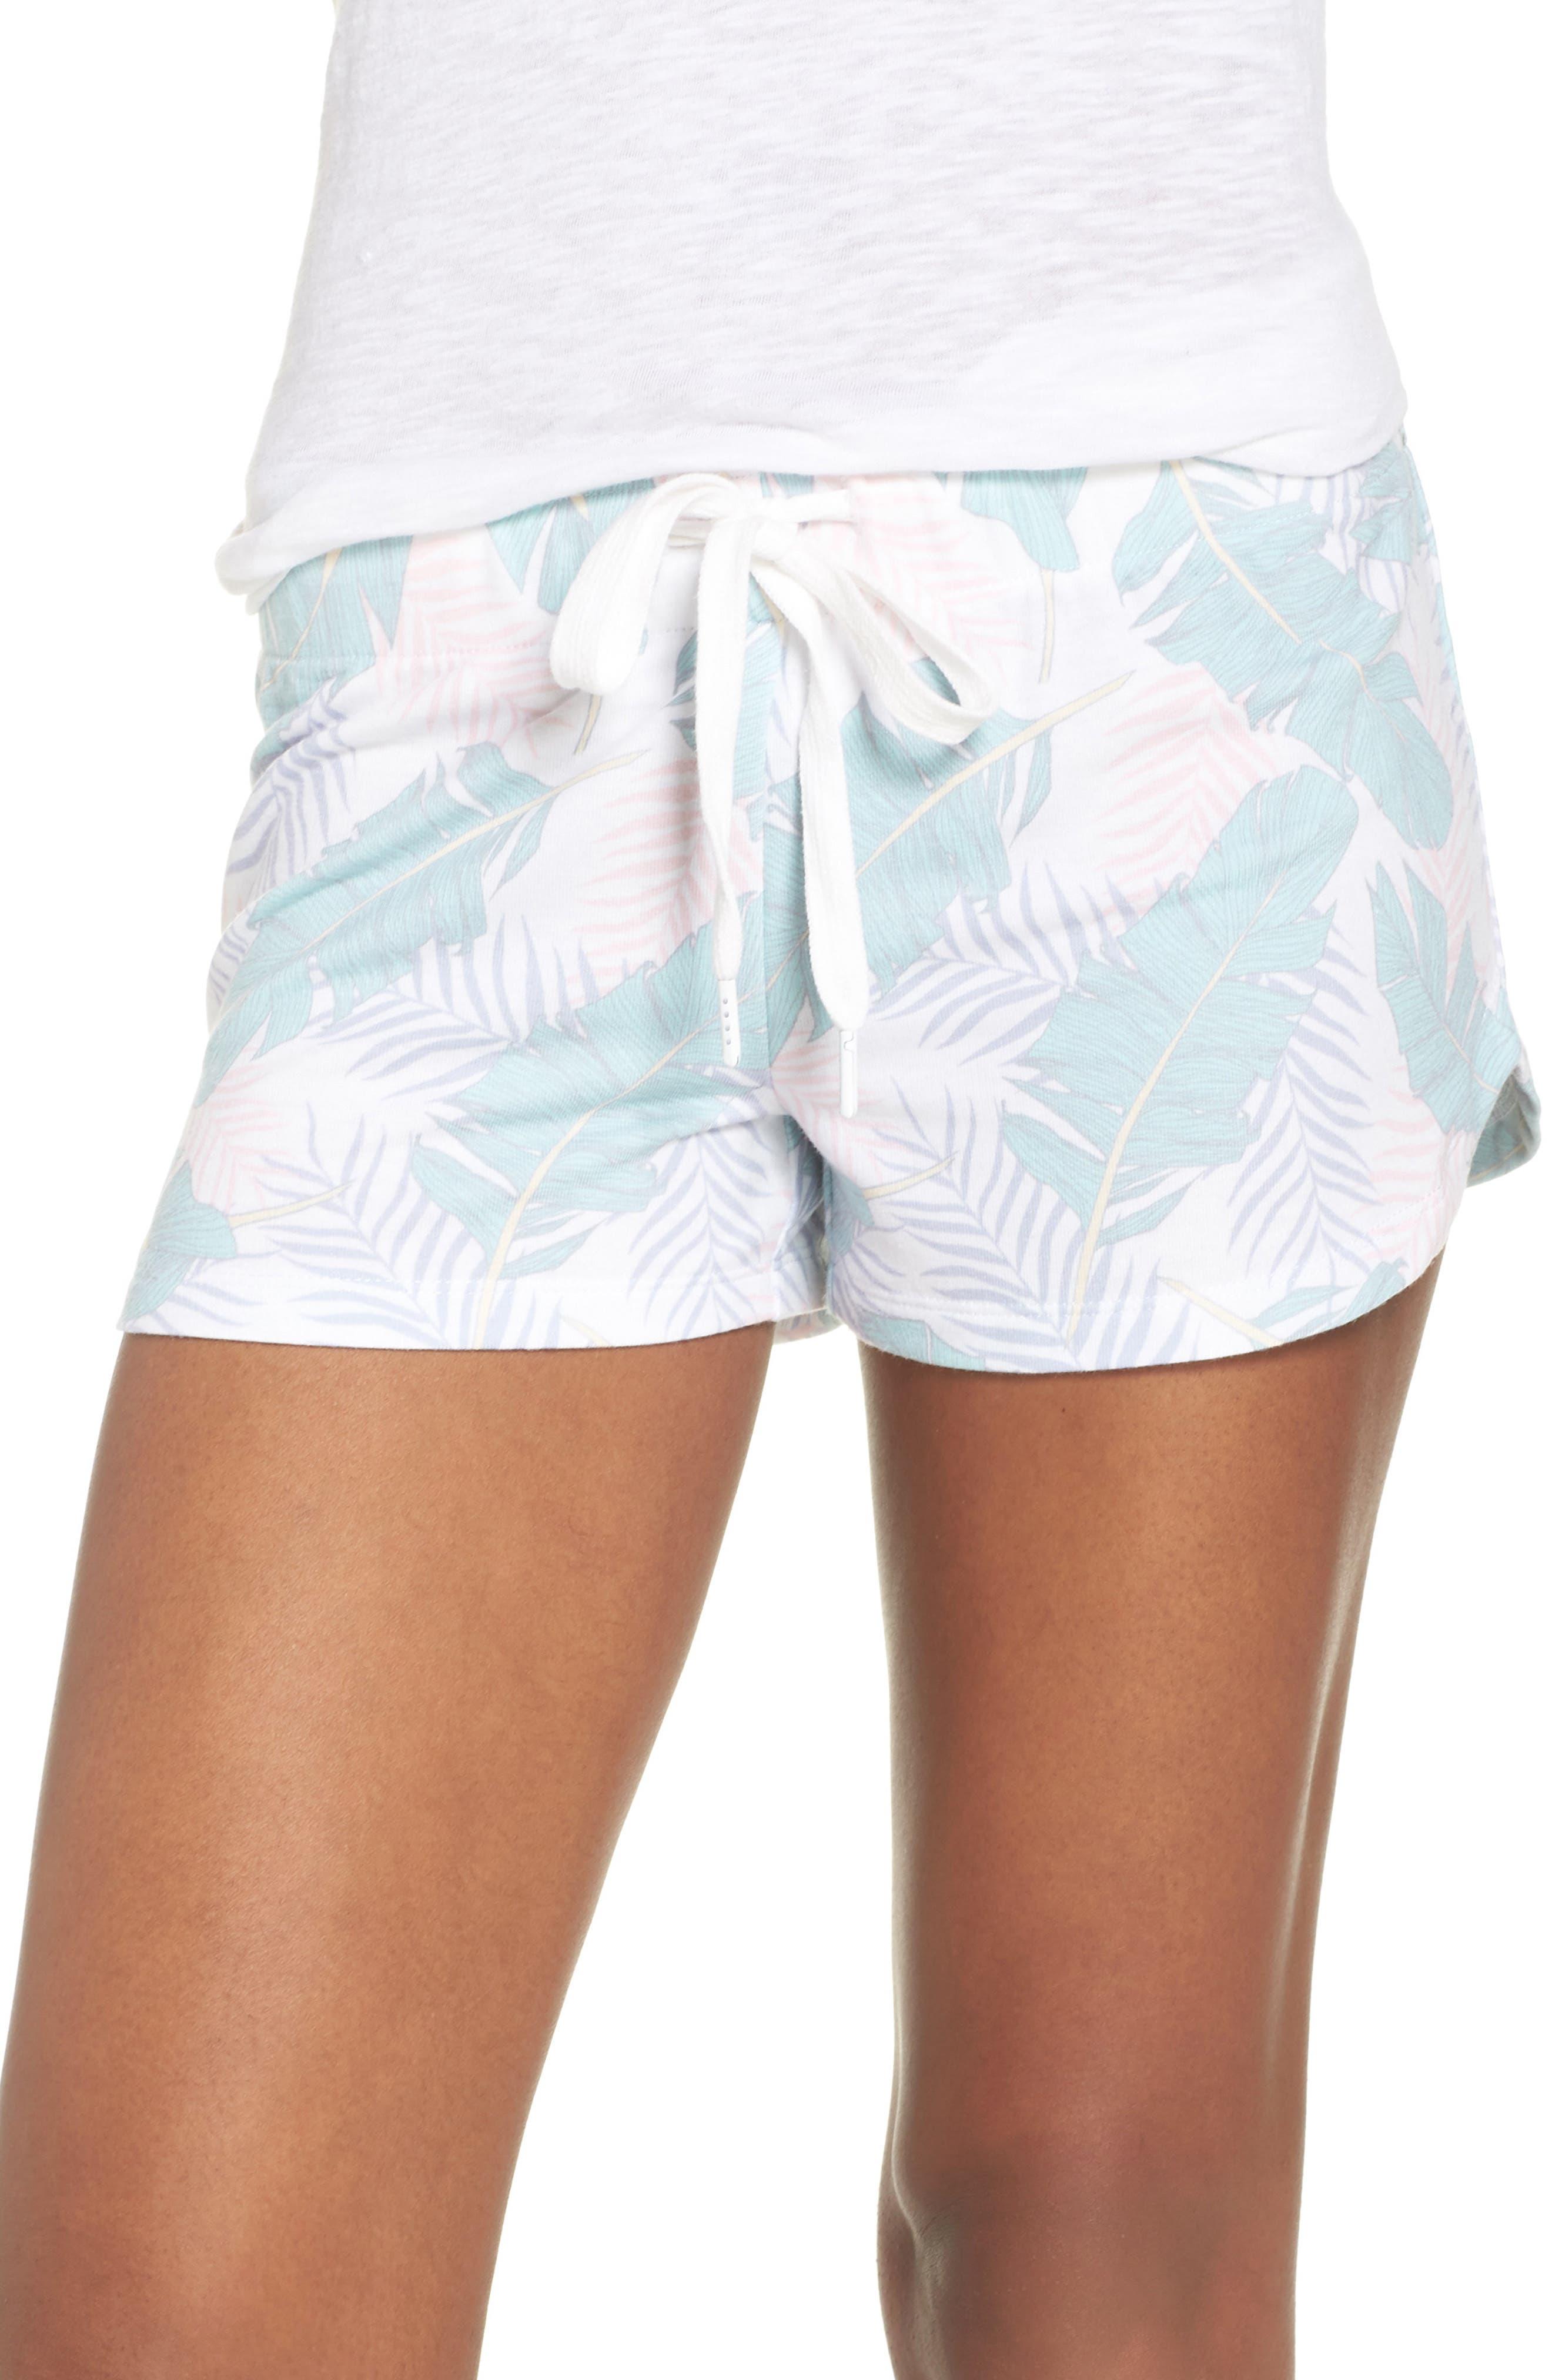 Lounge Shorts,                             Main thumbnail 1, color,